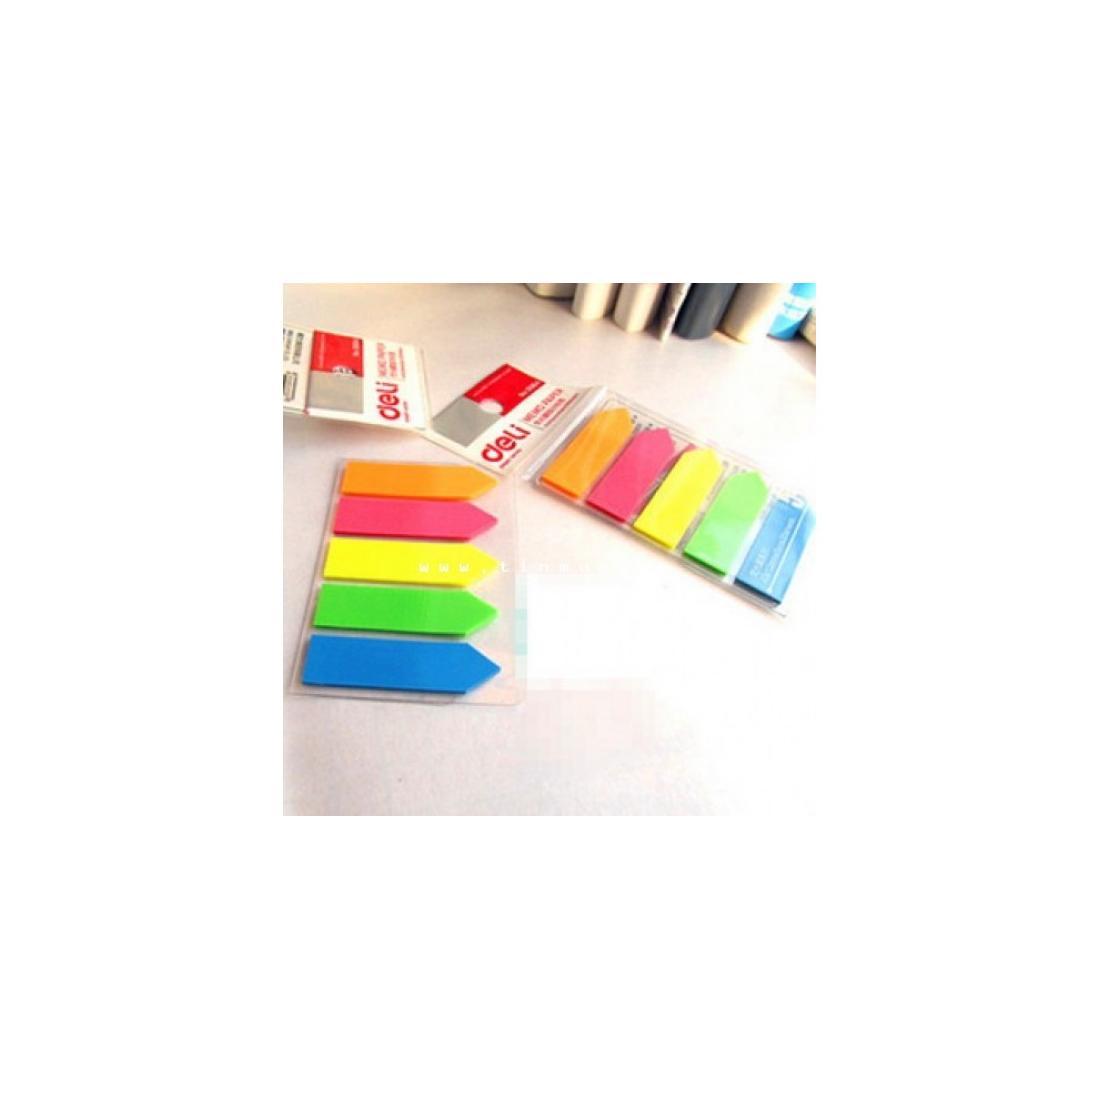 Giấy nhớ 5 màu-Thế giới đồ gia dụng HMD